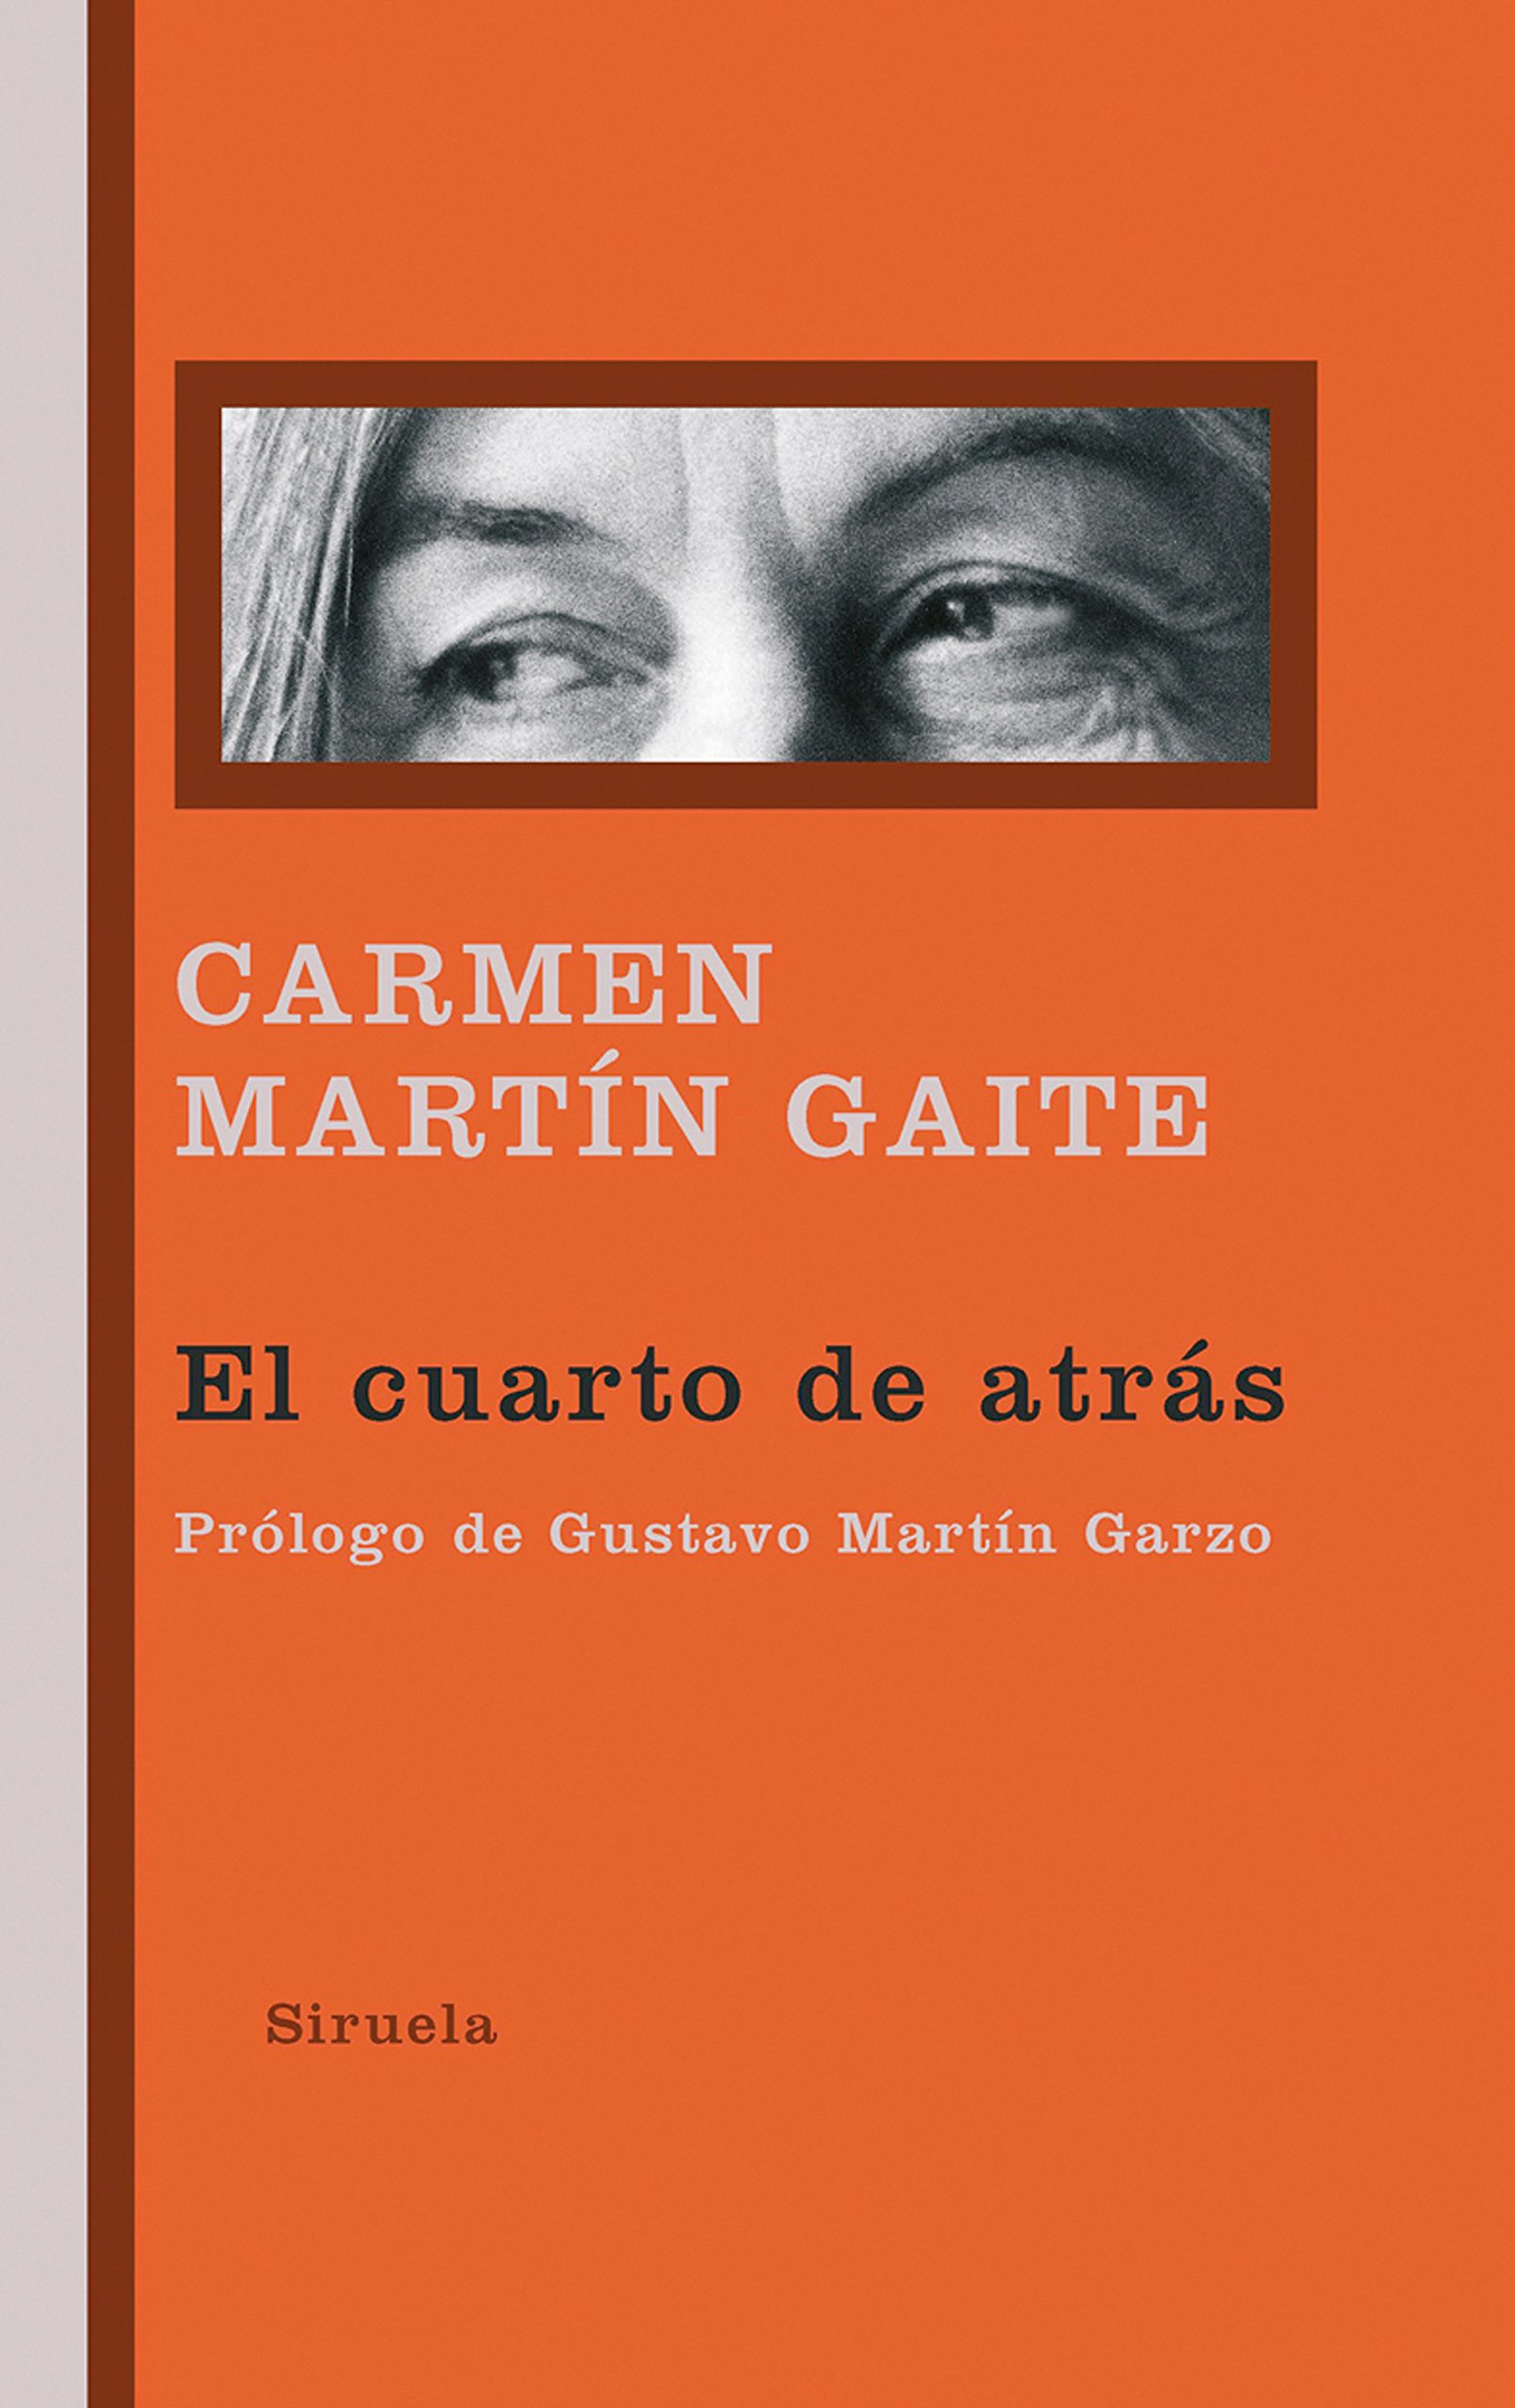 El cuarto de atrás: 276 (Libros del Tiempo): Amazon.es: Martín Gaite, Carmen, Martín Garzo, Gustavo: Libros